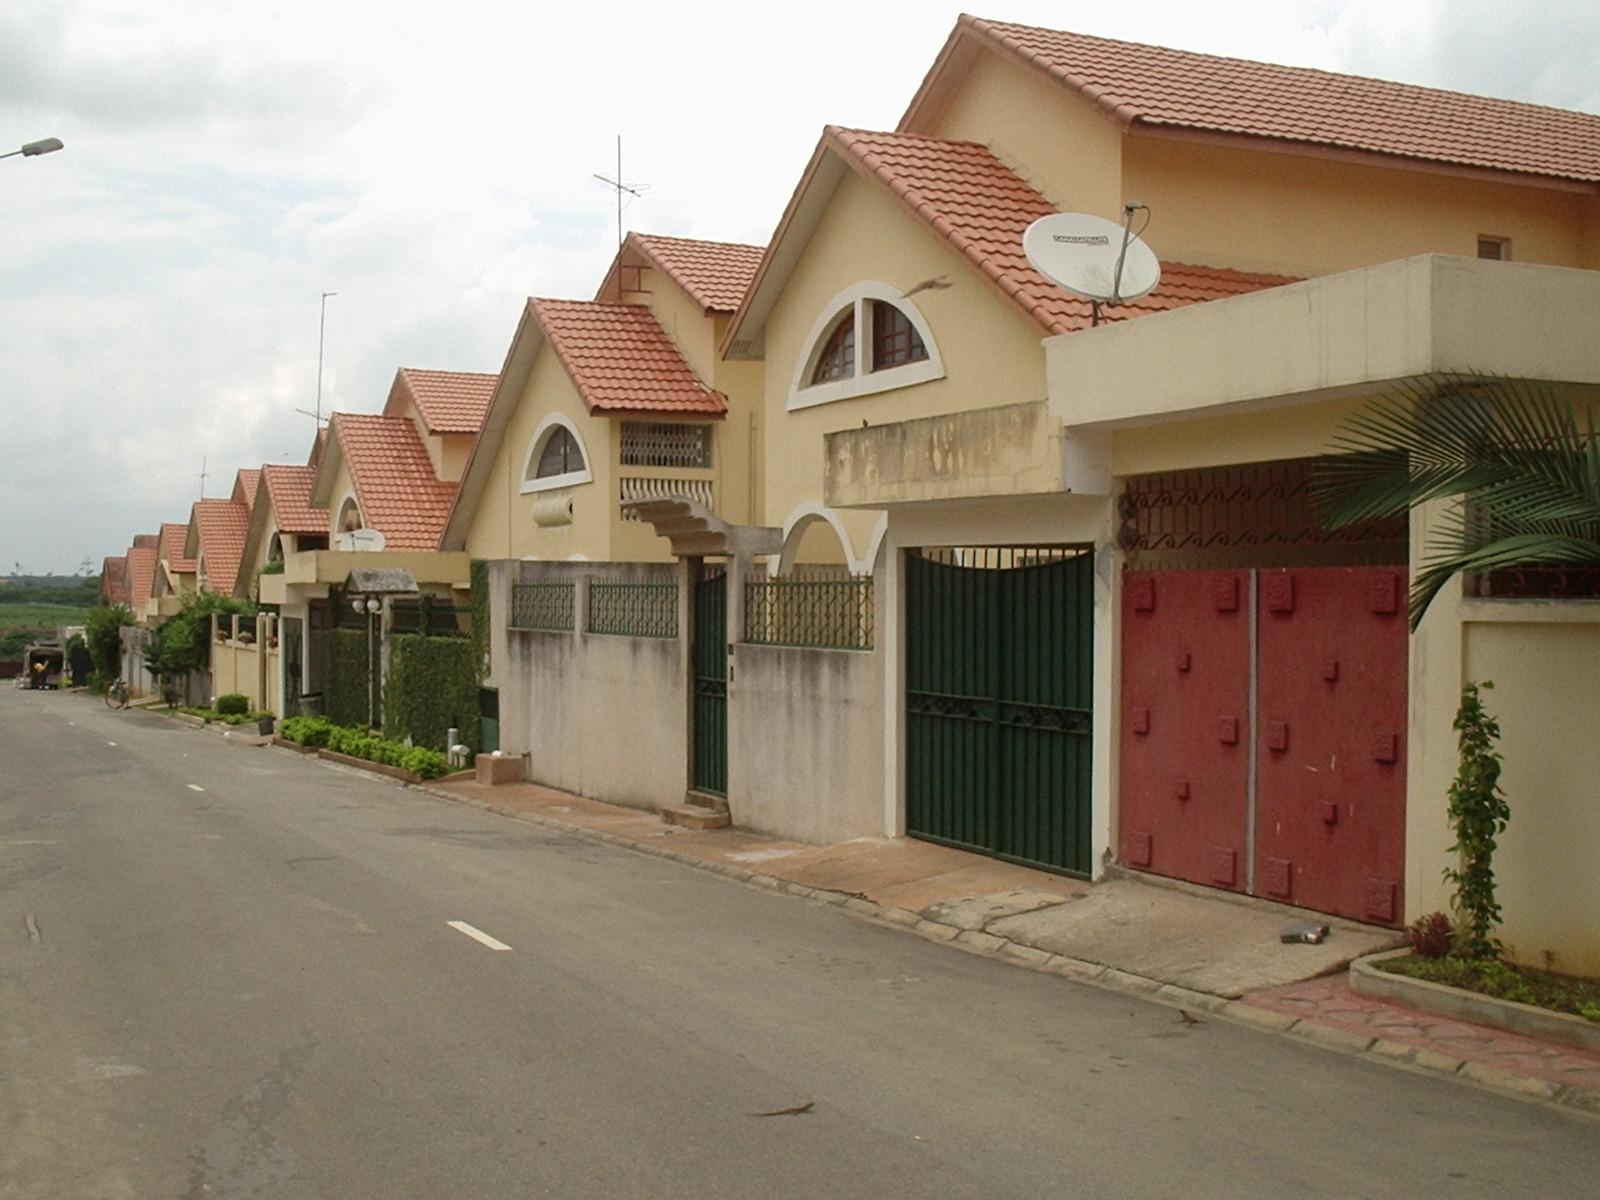 Les Superbes Maisons D Abidjan : L immobilier en cÔte d ivoire politique foncière côte